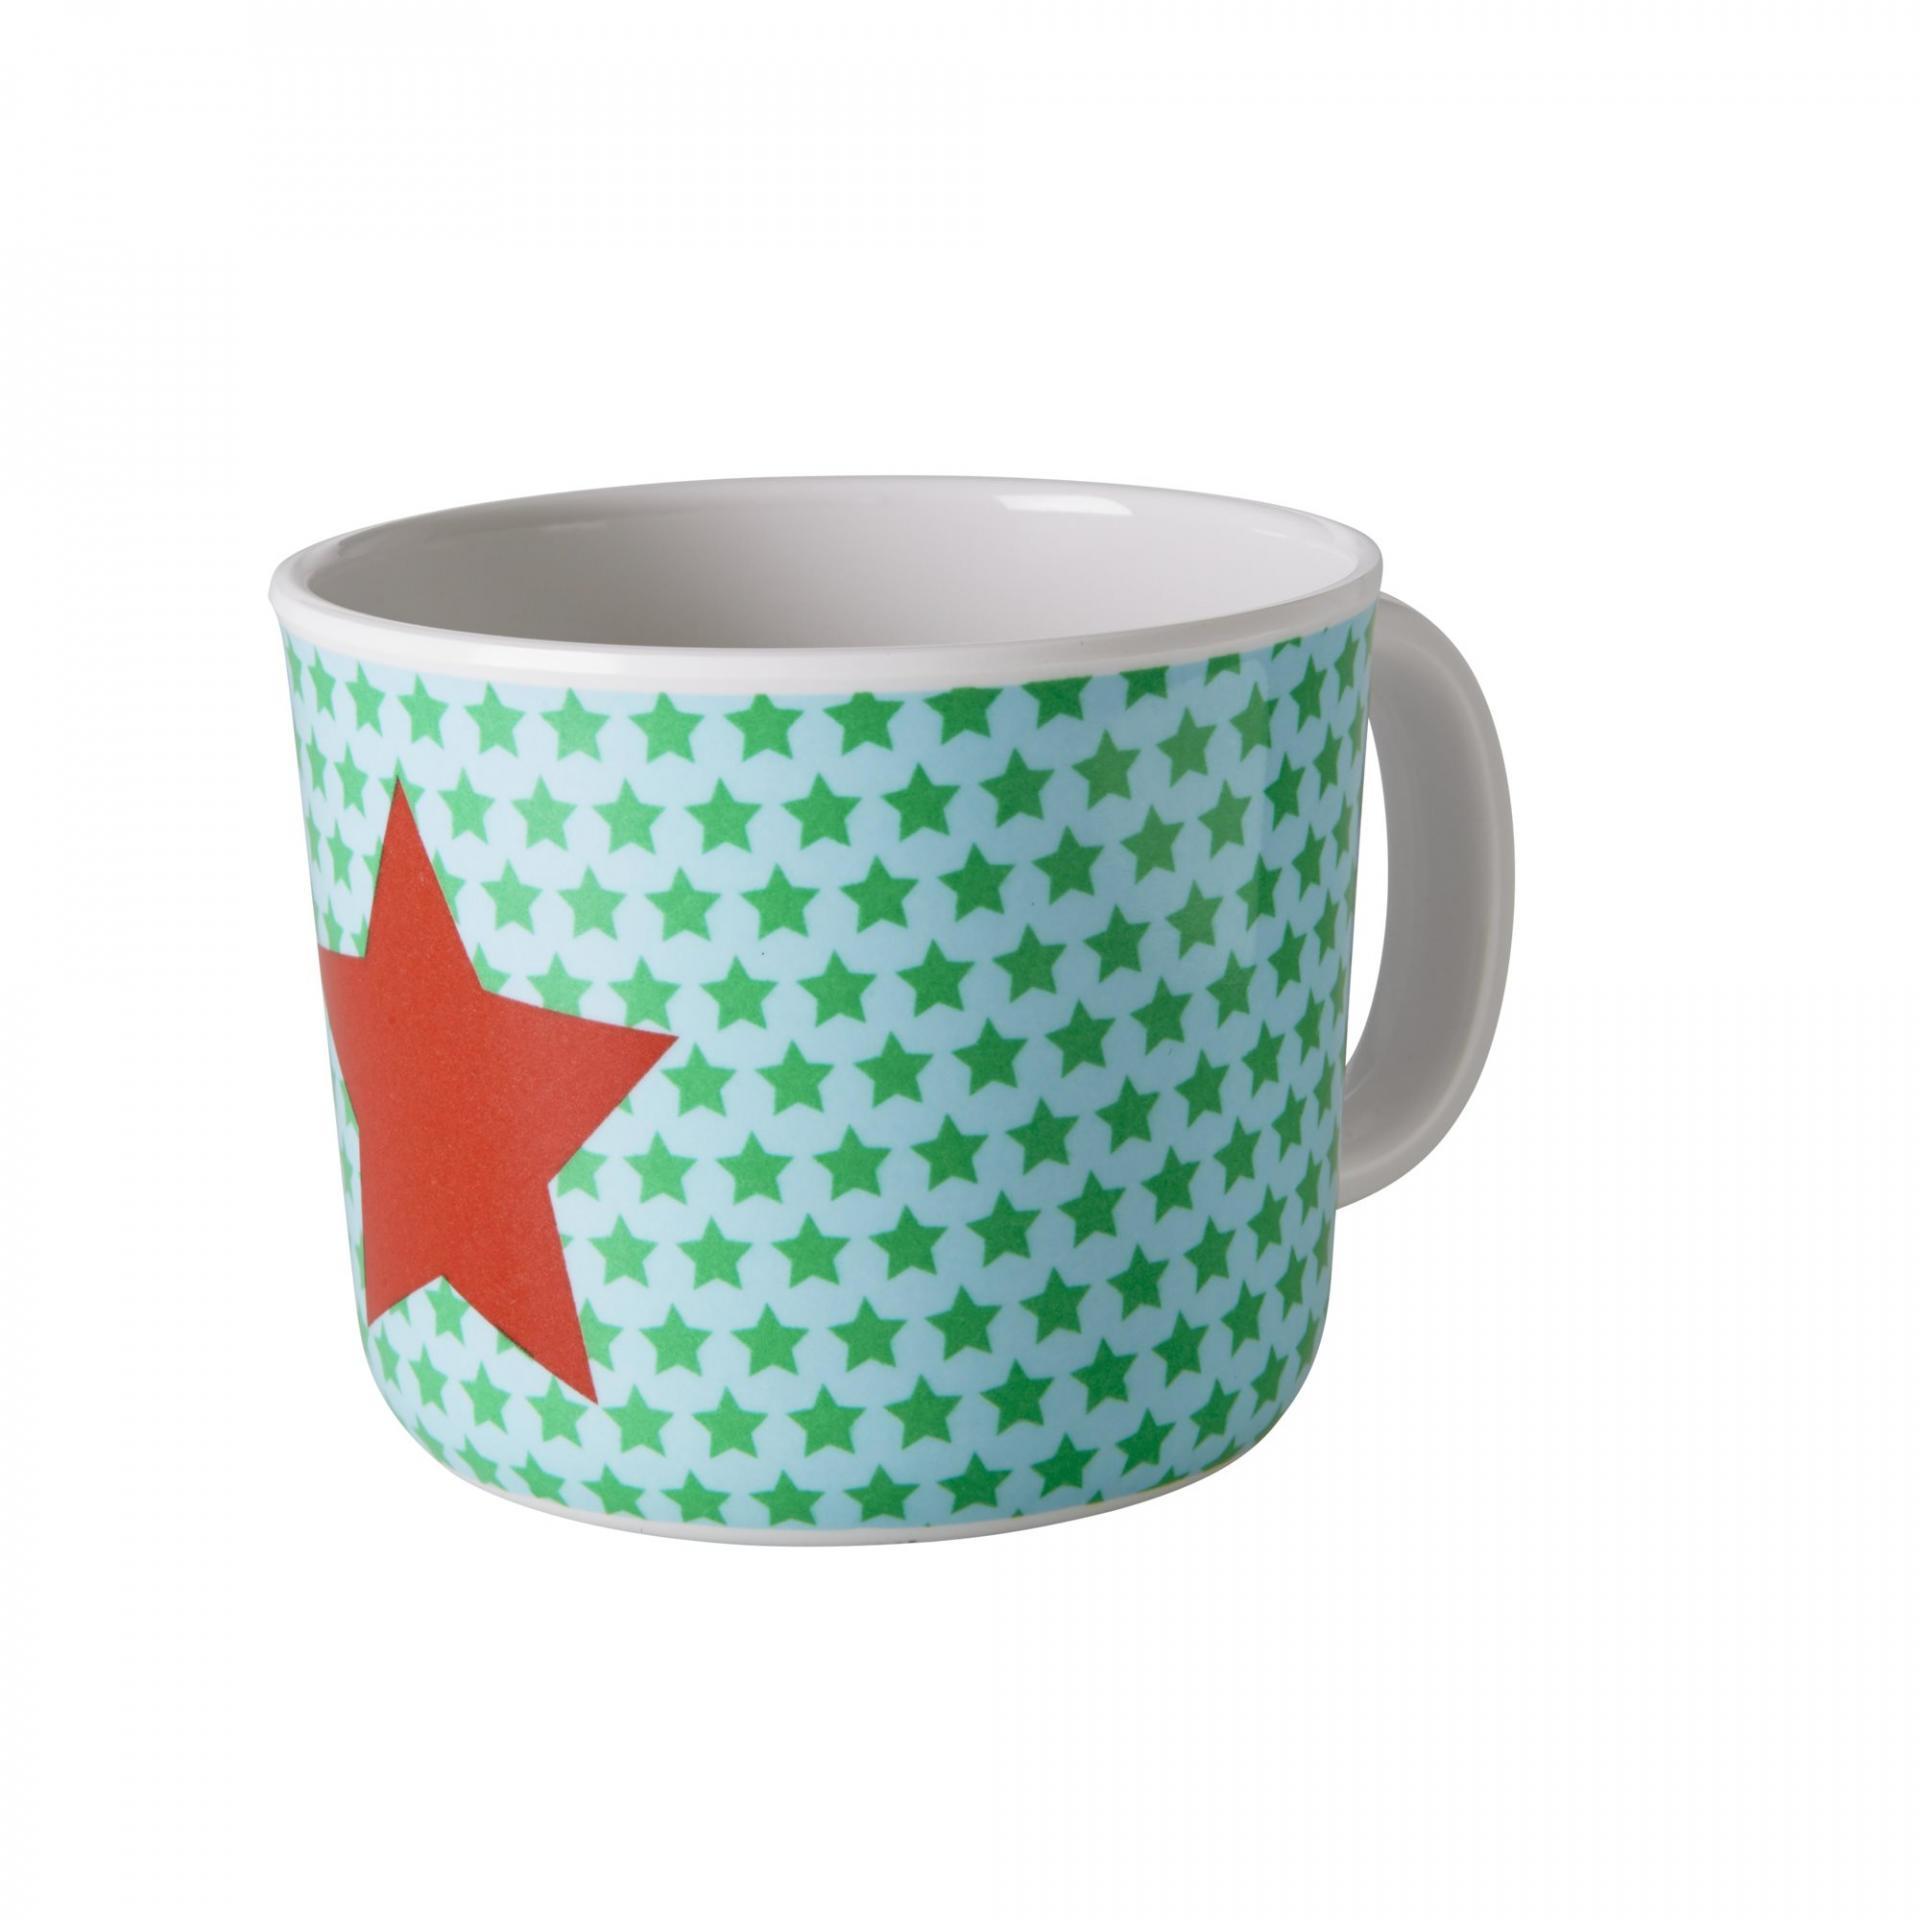 rice Melaminový hrneček Star, červená barva, zelená barva, melamin